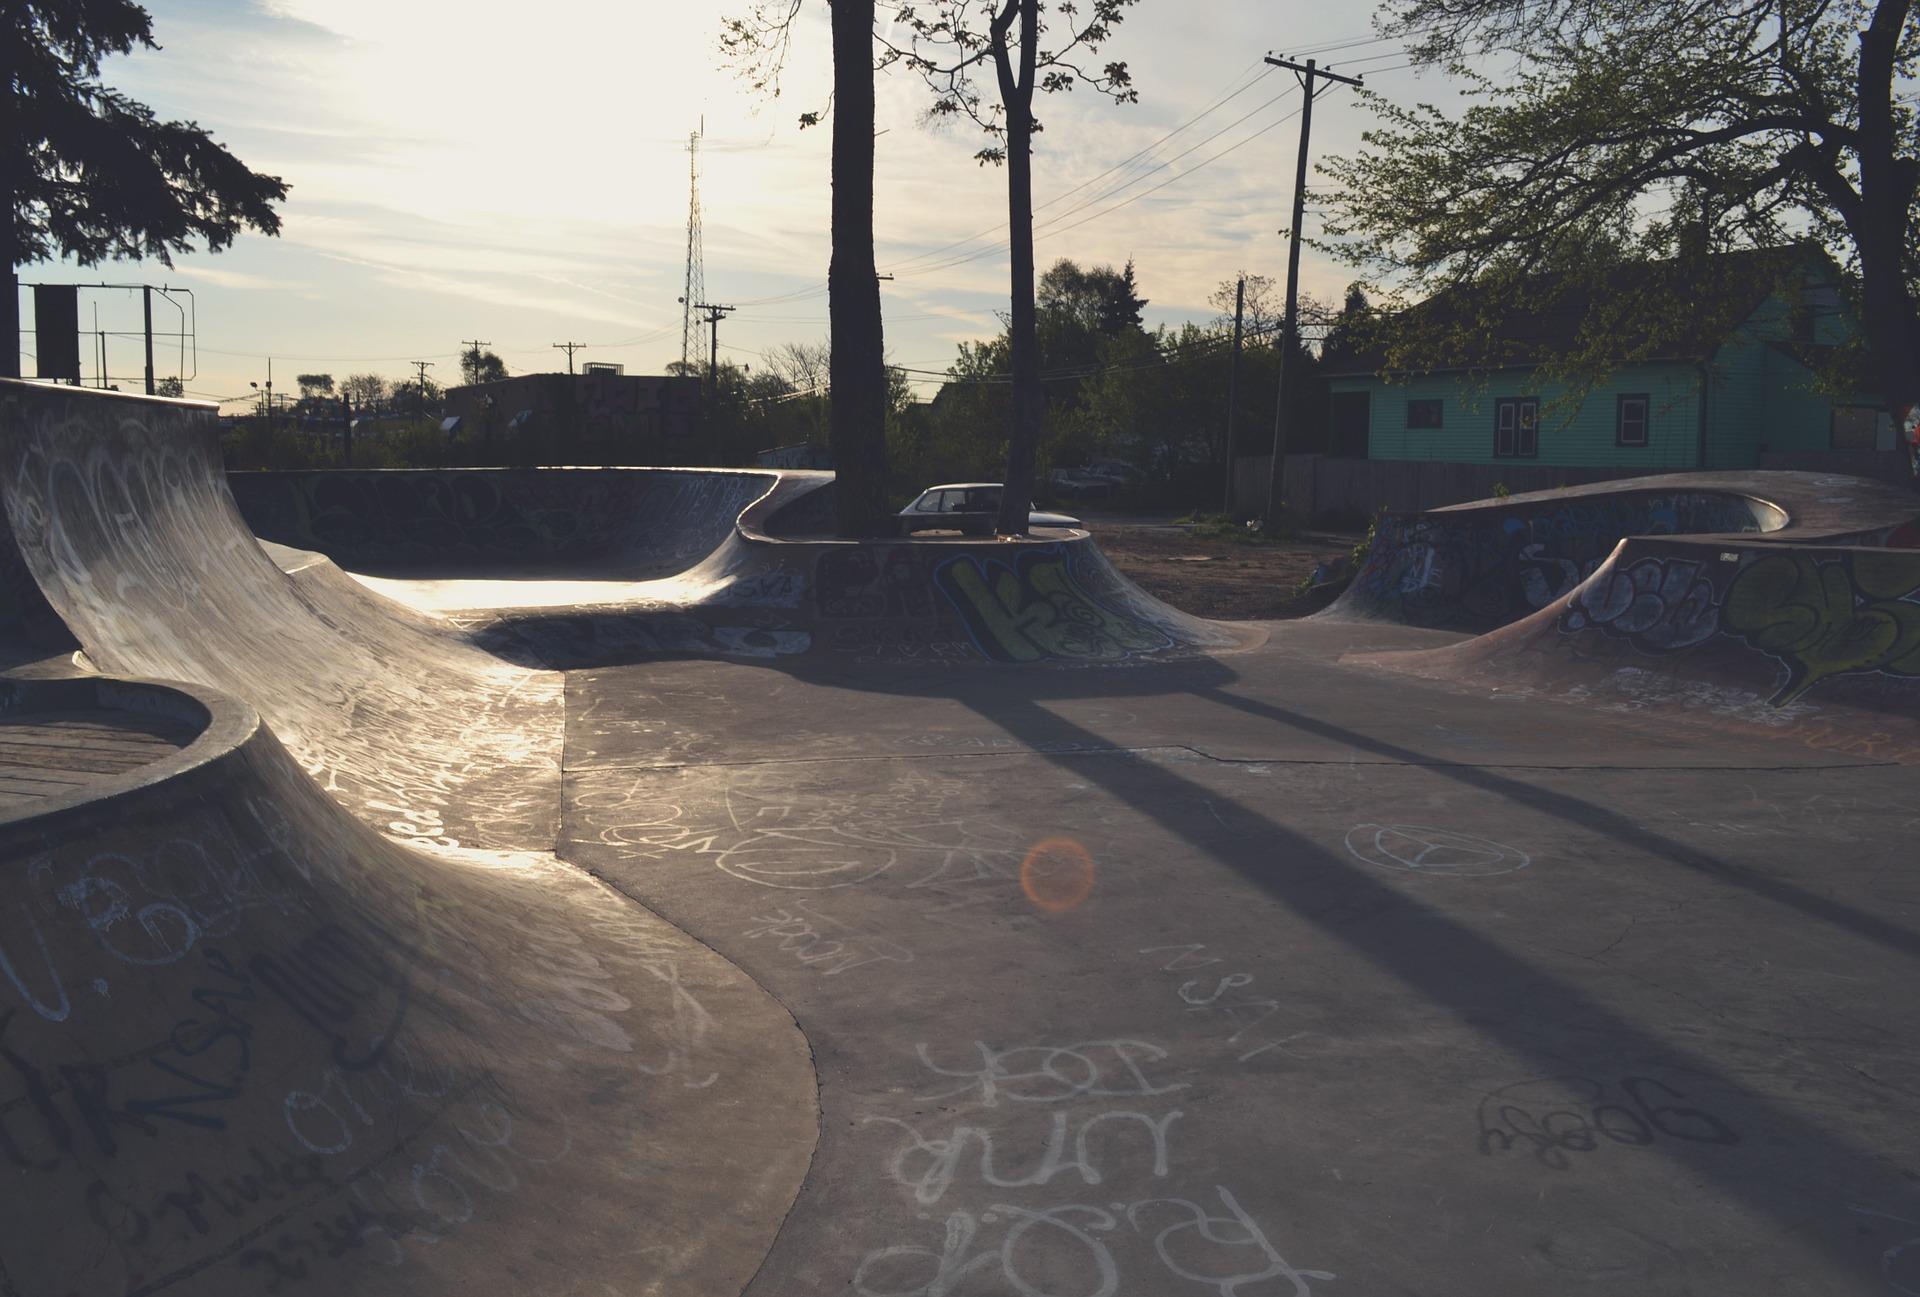 Meilleurs Skateparks à Toulouse - Skatepark La Terrasse